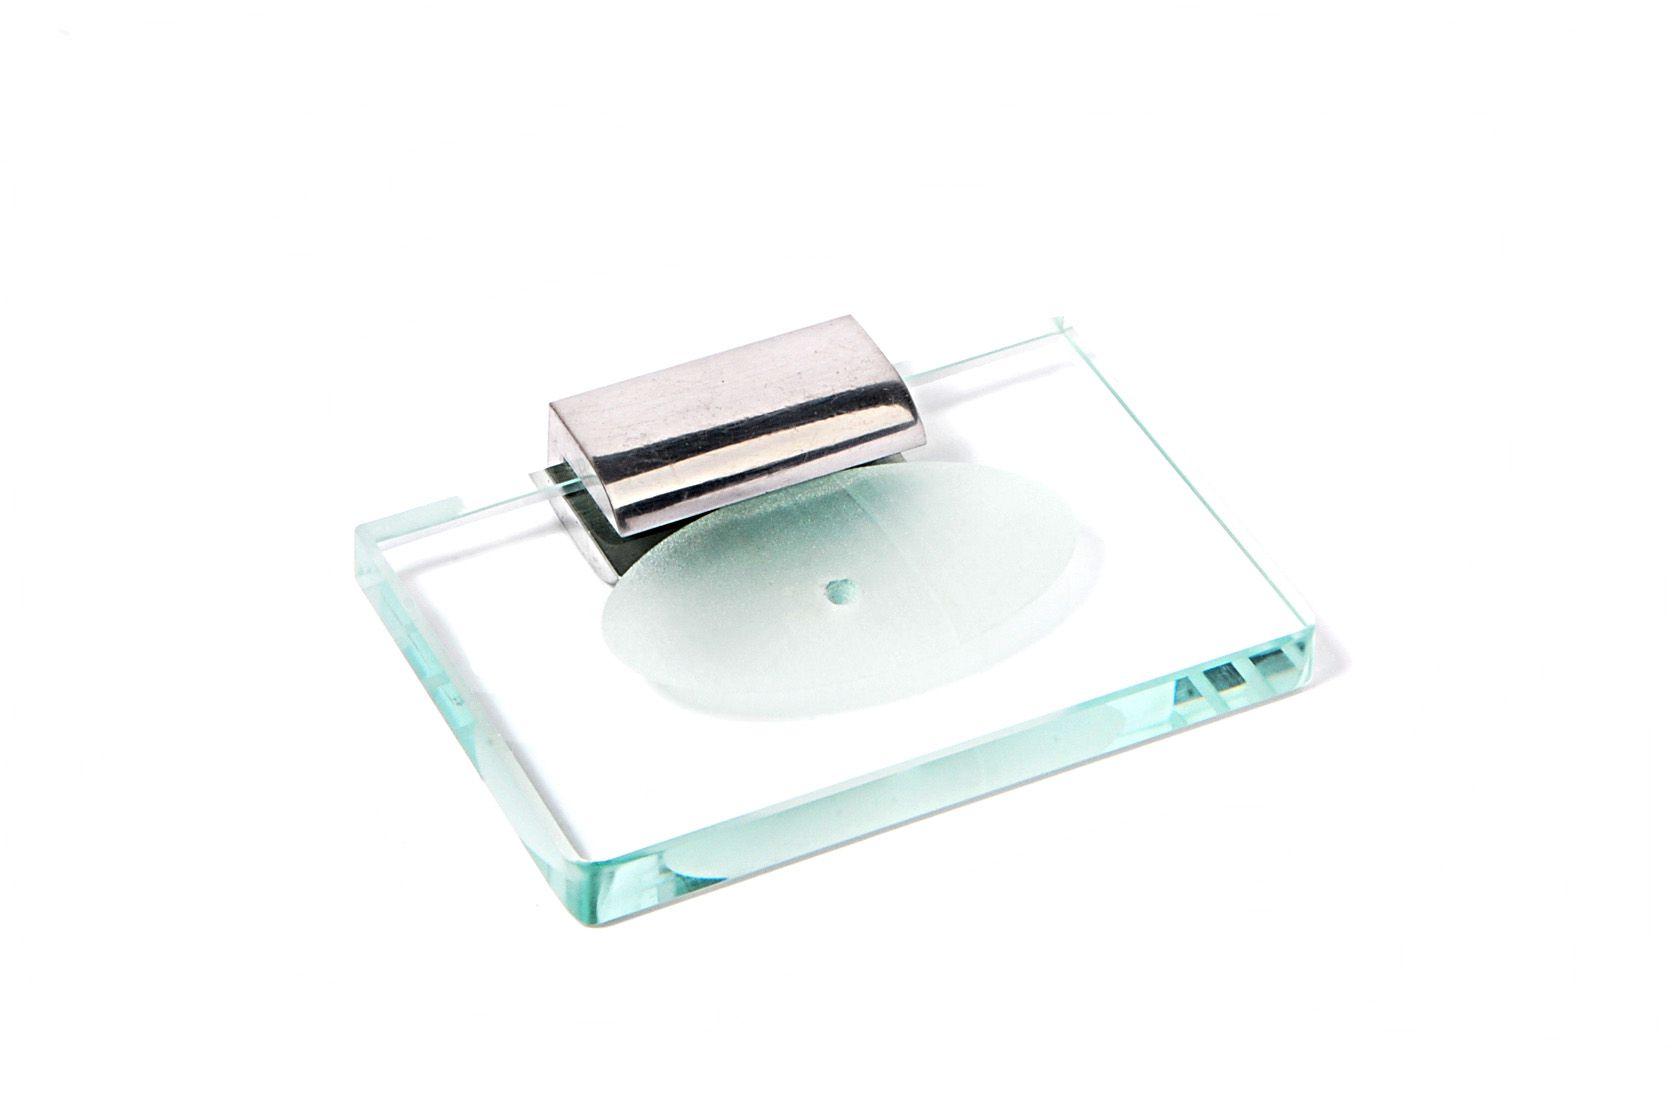 Saboneteira em Vidro Incolor Lapidado - Aquabox  - 14cmx9cmx15mm.